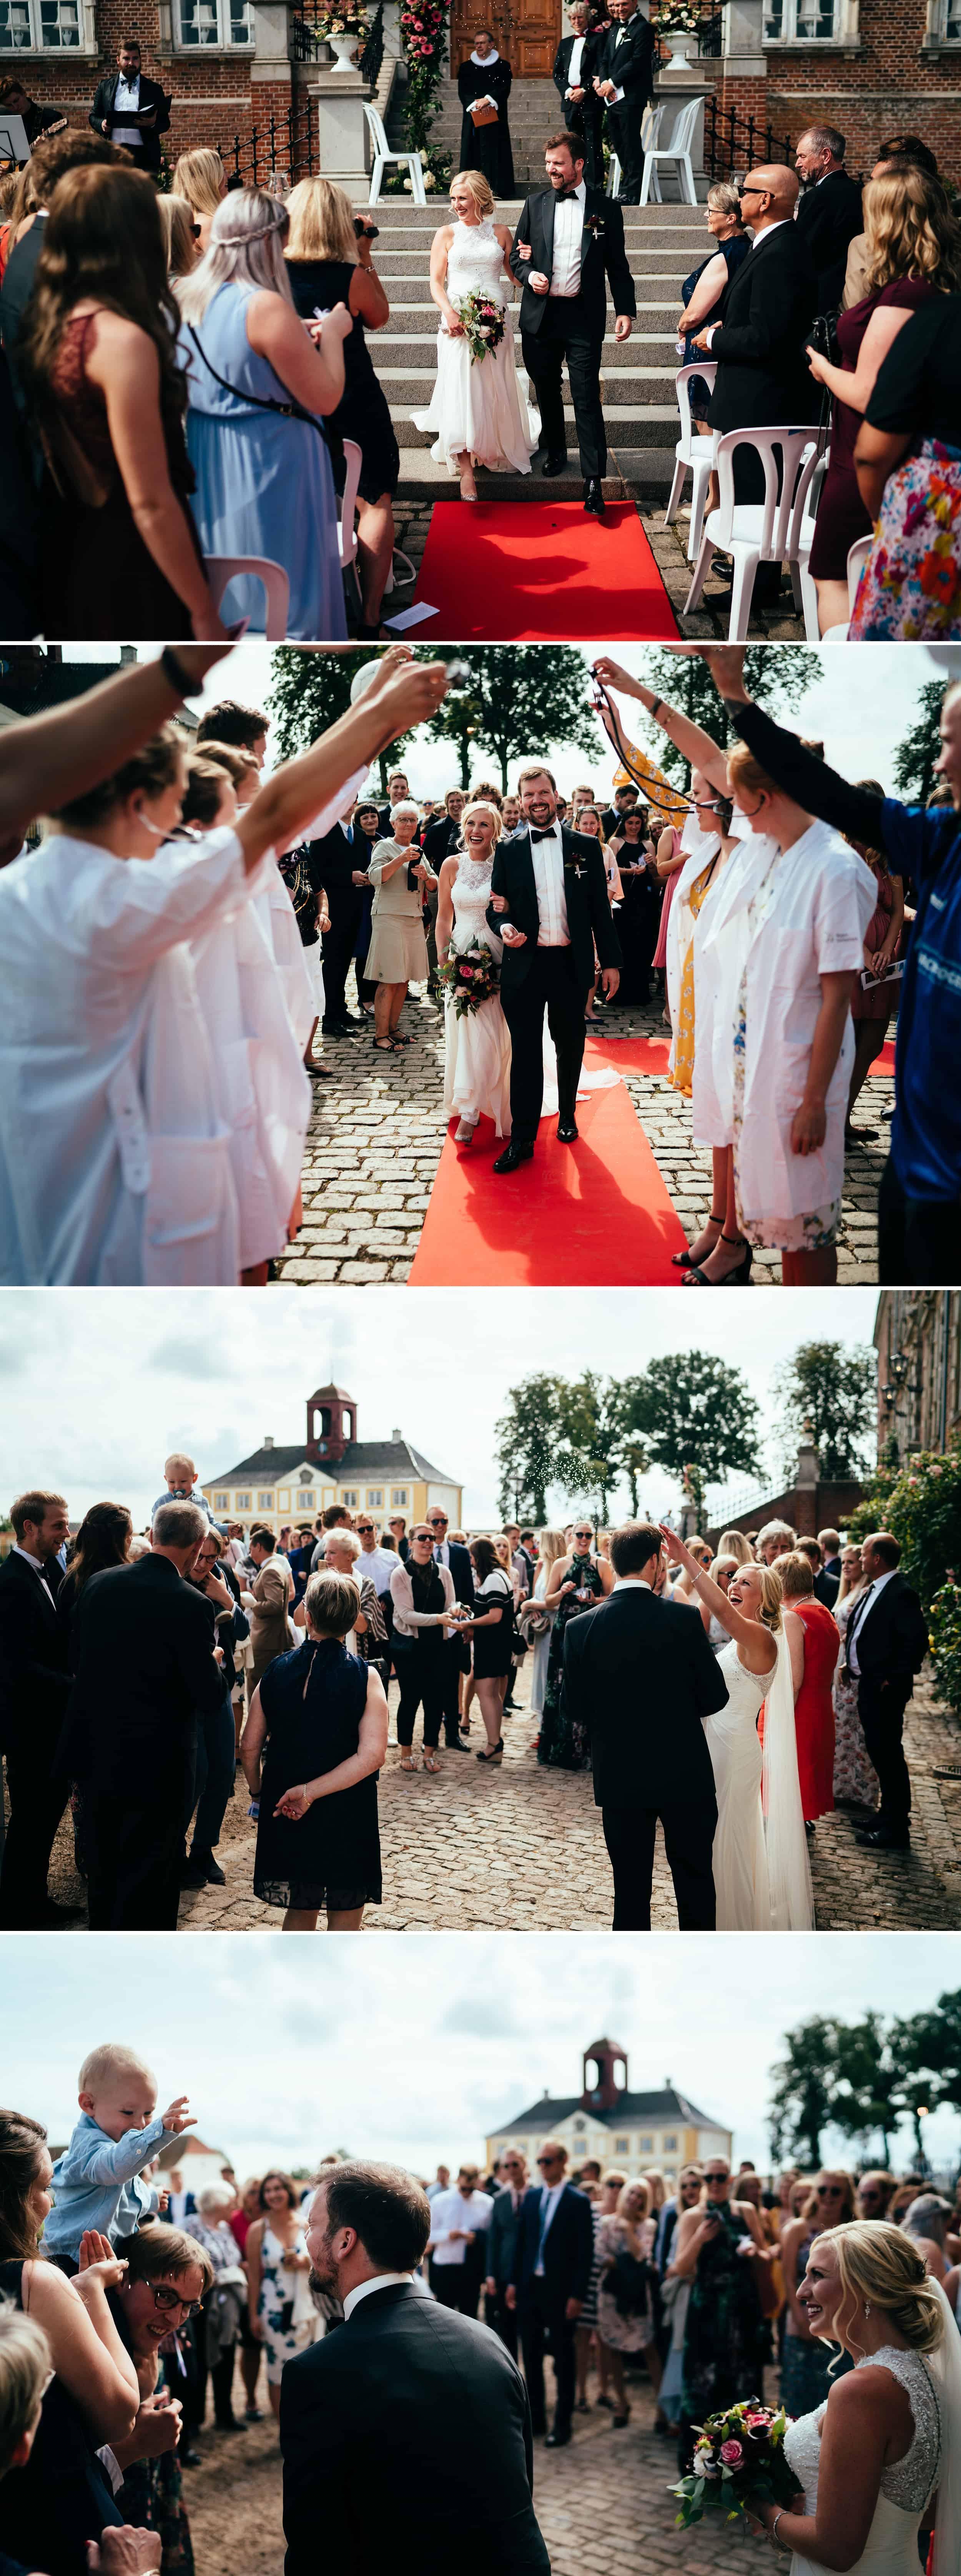 nygift-brudepar-går-gennem-række-af-gæster.jpg